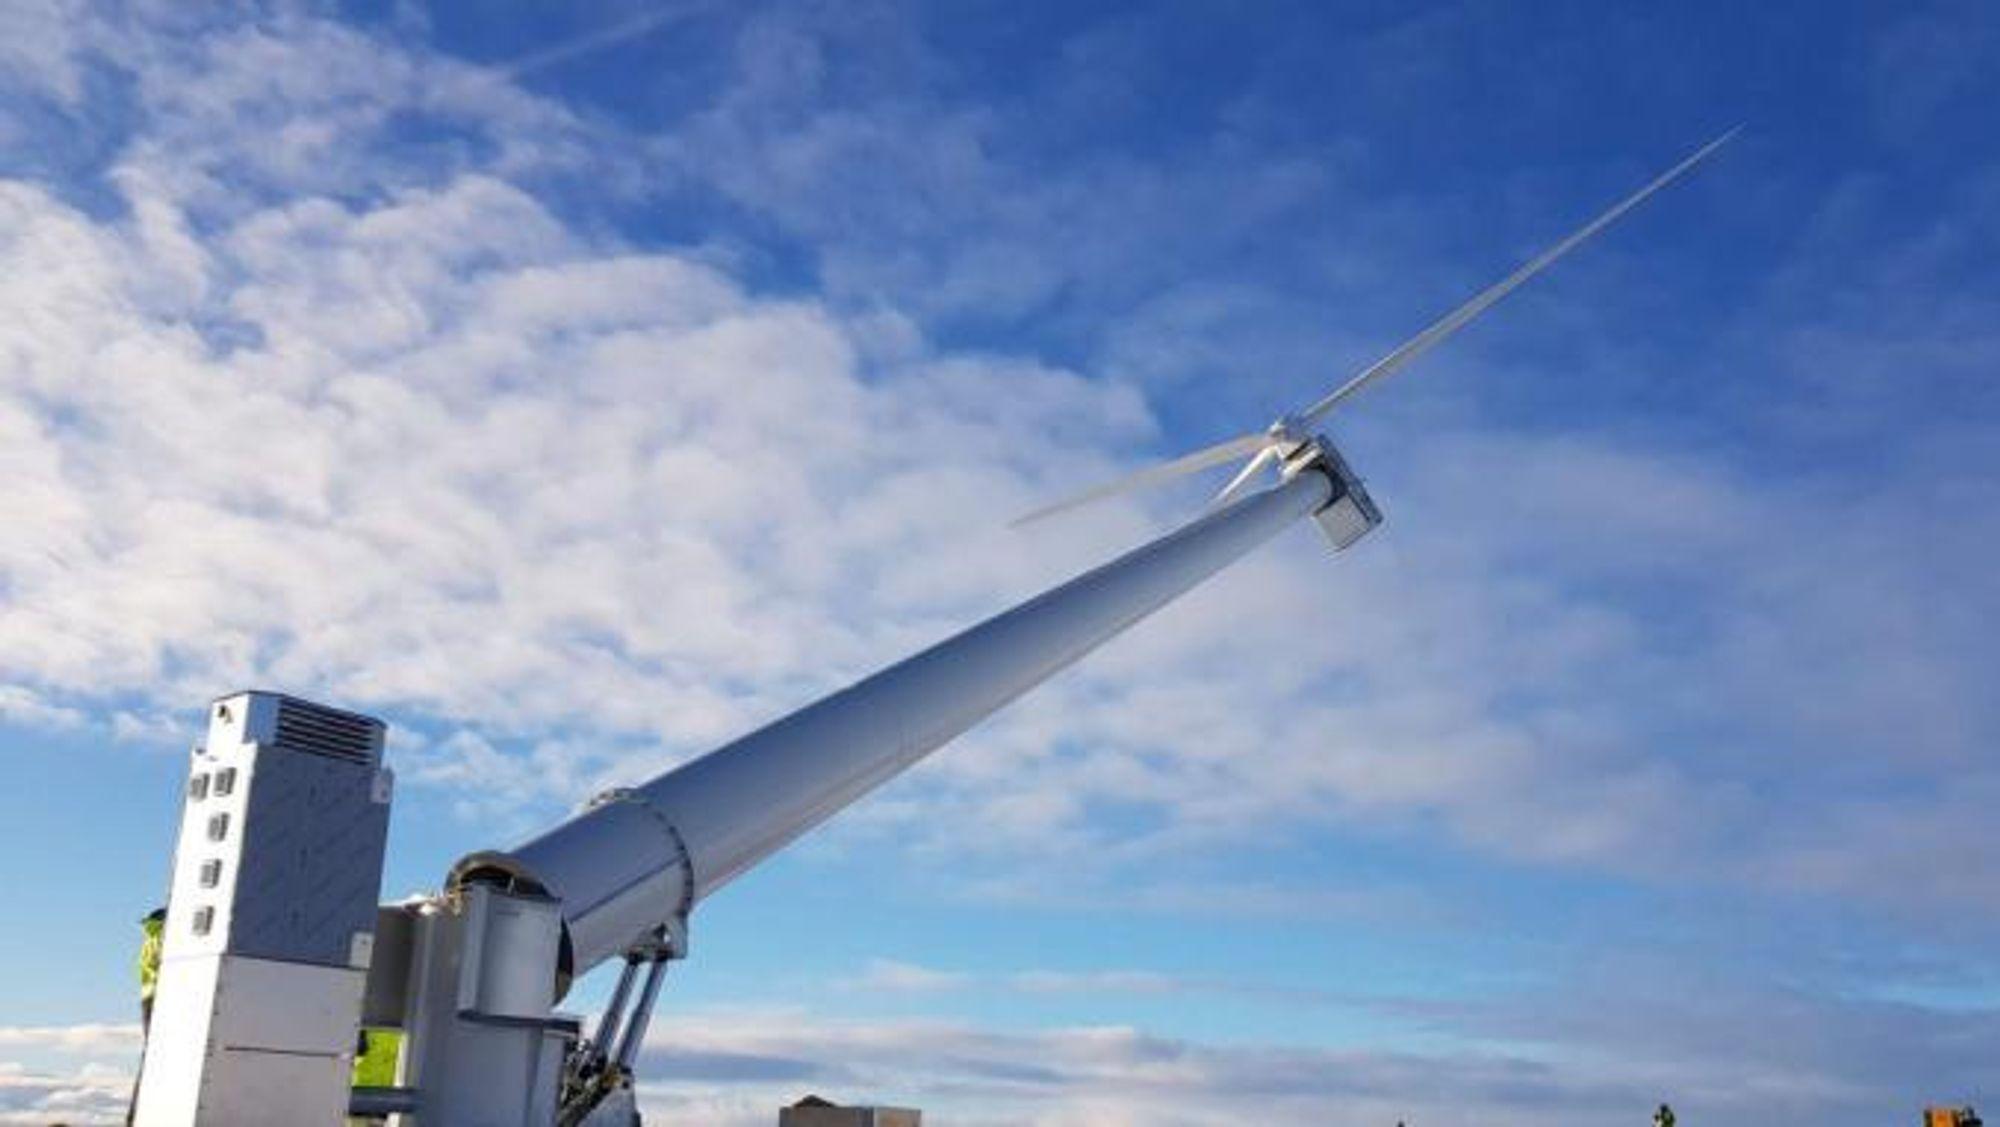 De to testmøllene, SWP-25-kW, som er vist over, og Viking 25, ble satt opp i Sisimiut høsten 2018. Allerede i januar 2019 falt en vinge av møllen fra Solid Wind Power. I juli 2019 kom den i drift igjen med nye vinger og en forbedret festekonstruksjon. Men 8. januar gikk det galt igjen. Bildet er fra oppsettingen av mølle nummer to.